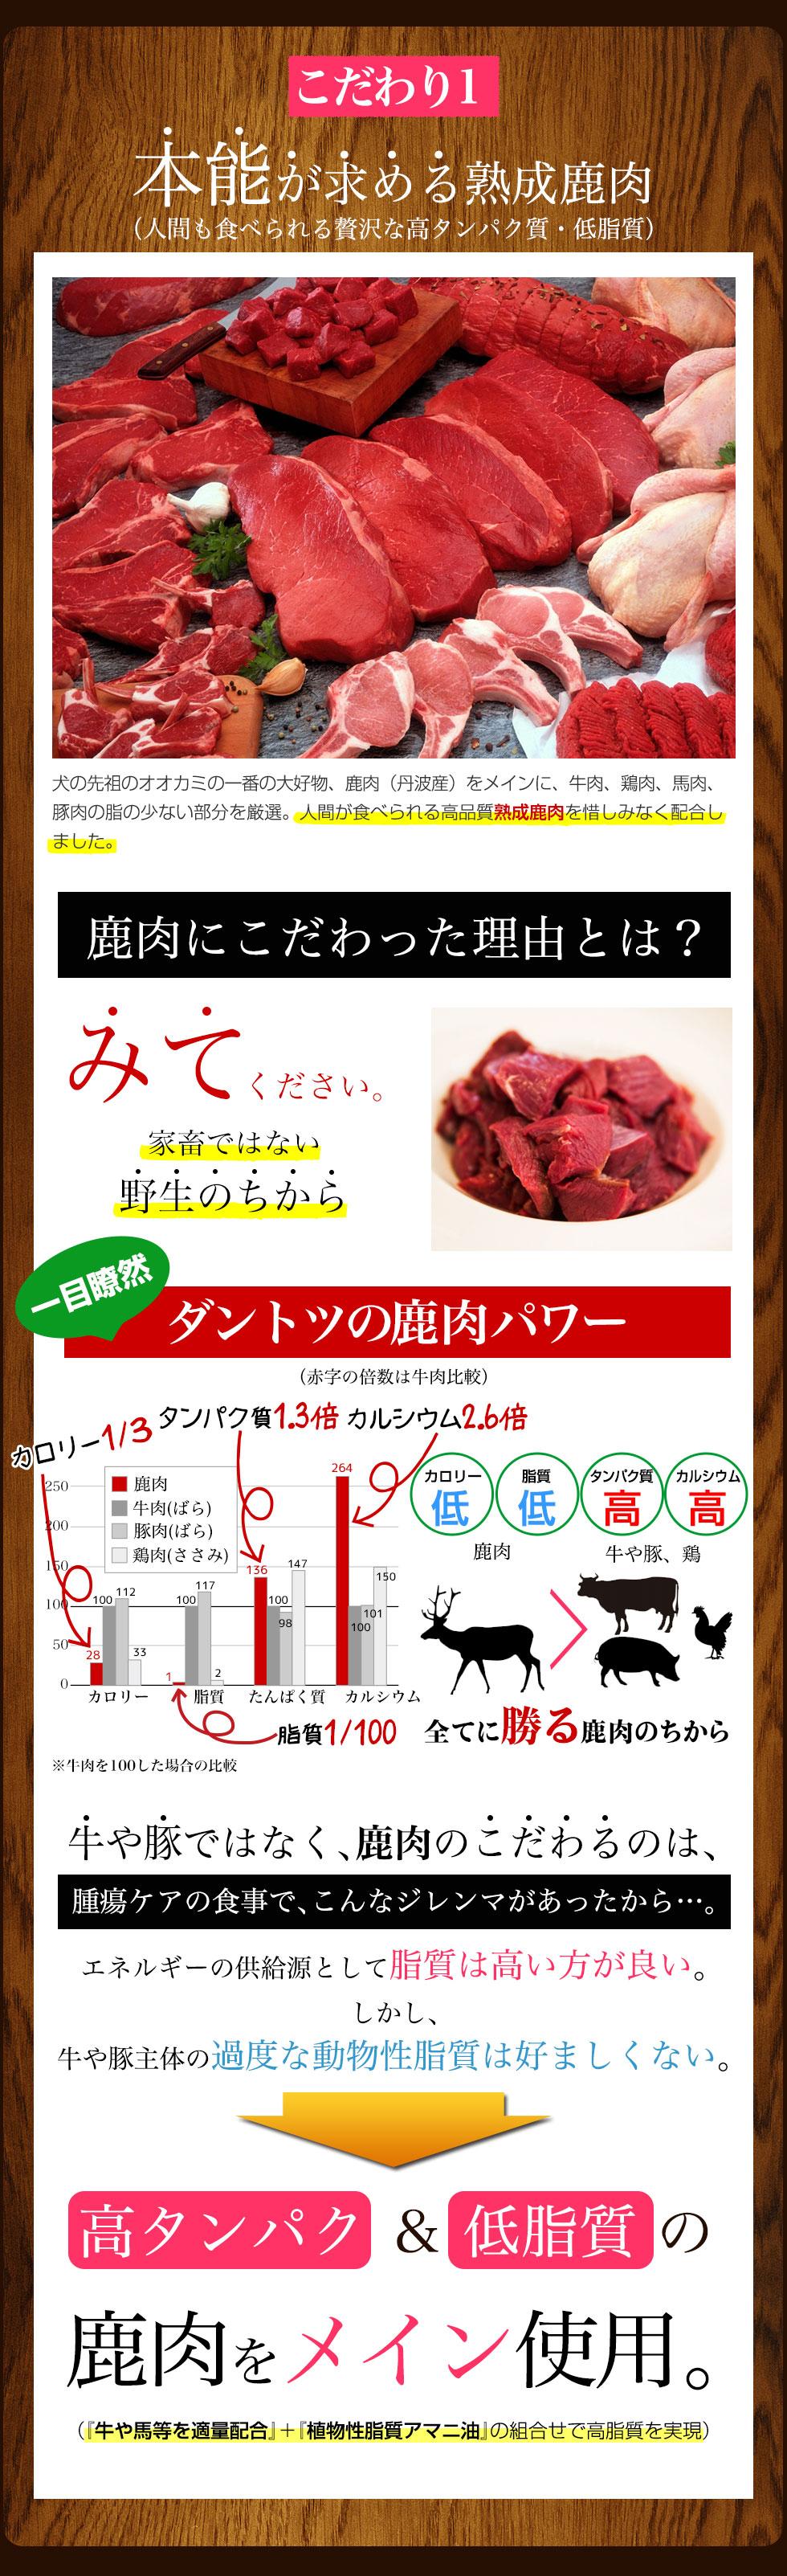 高品質な生肉